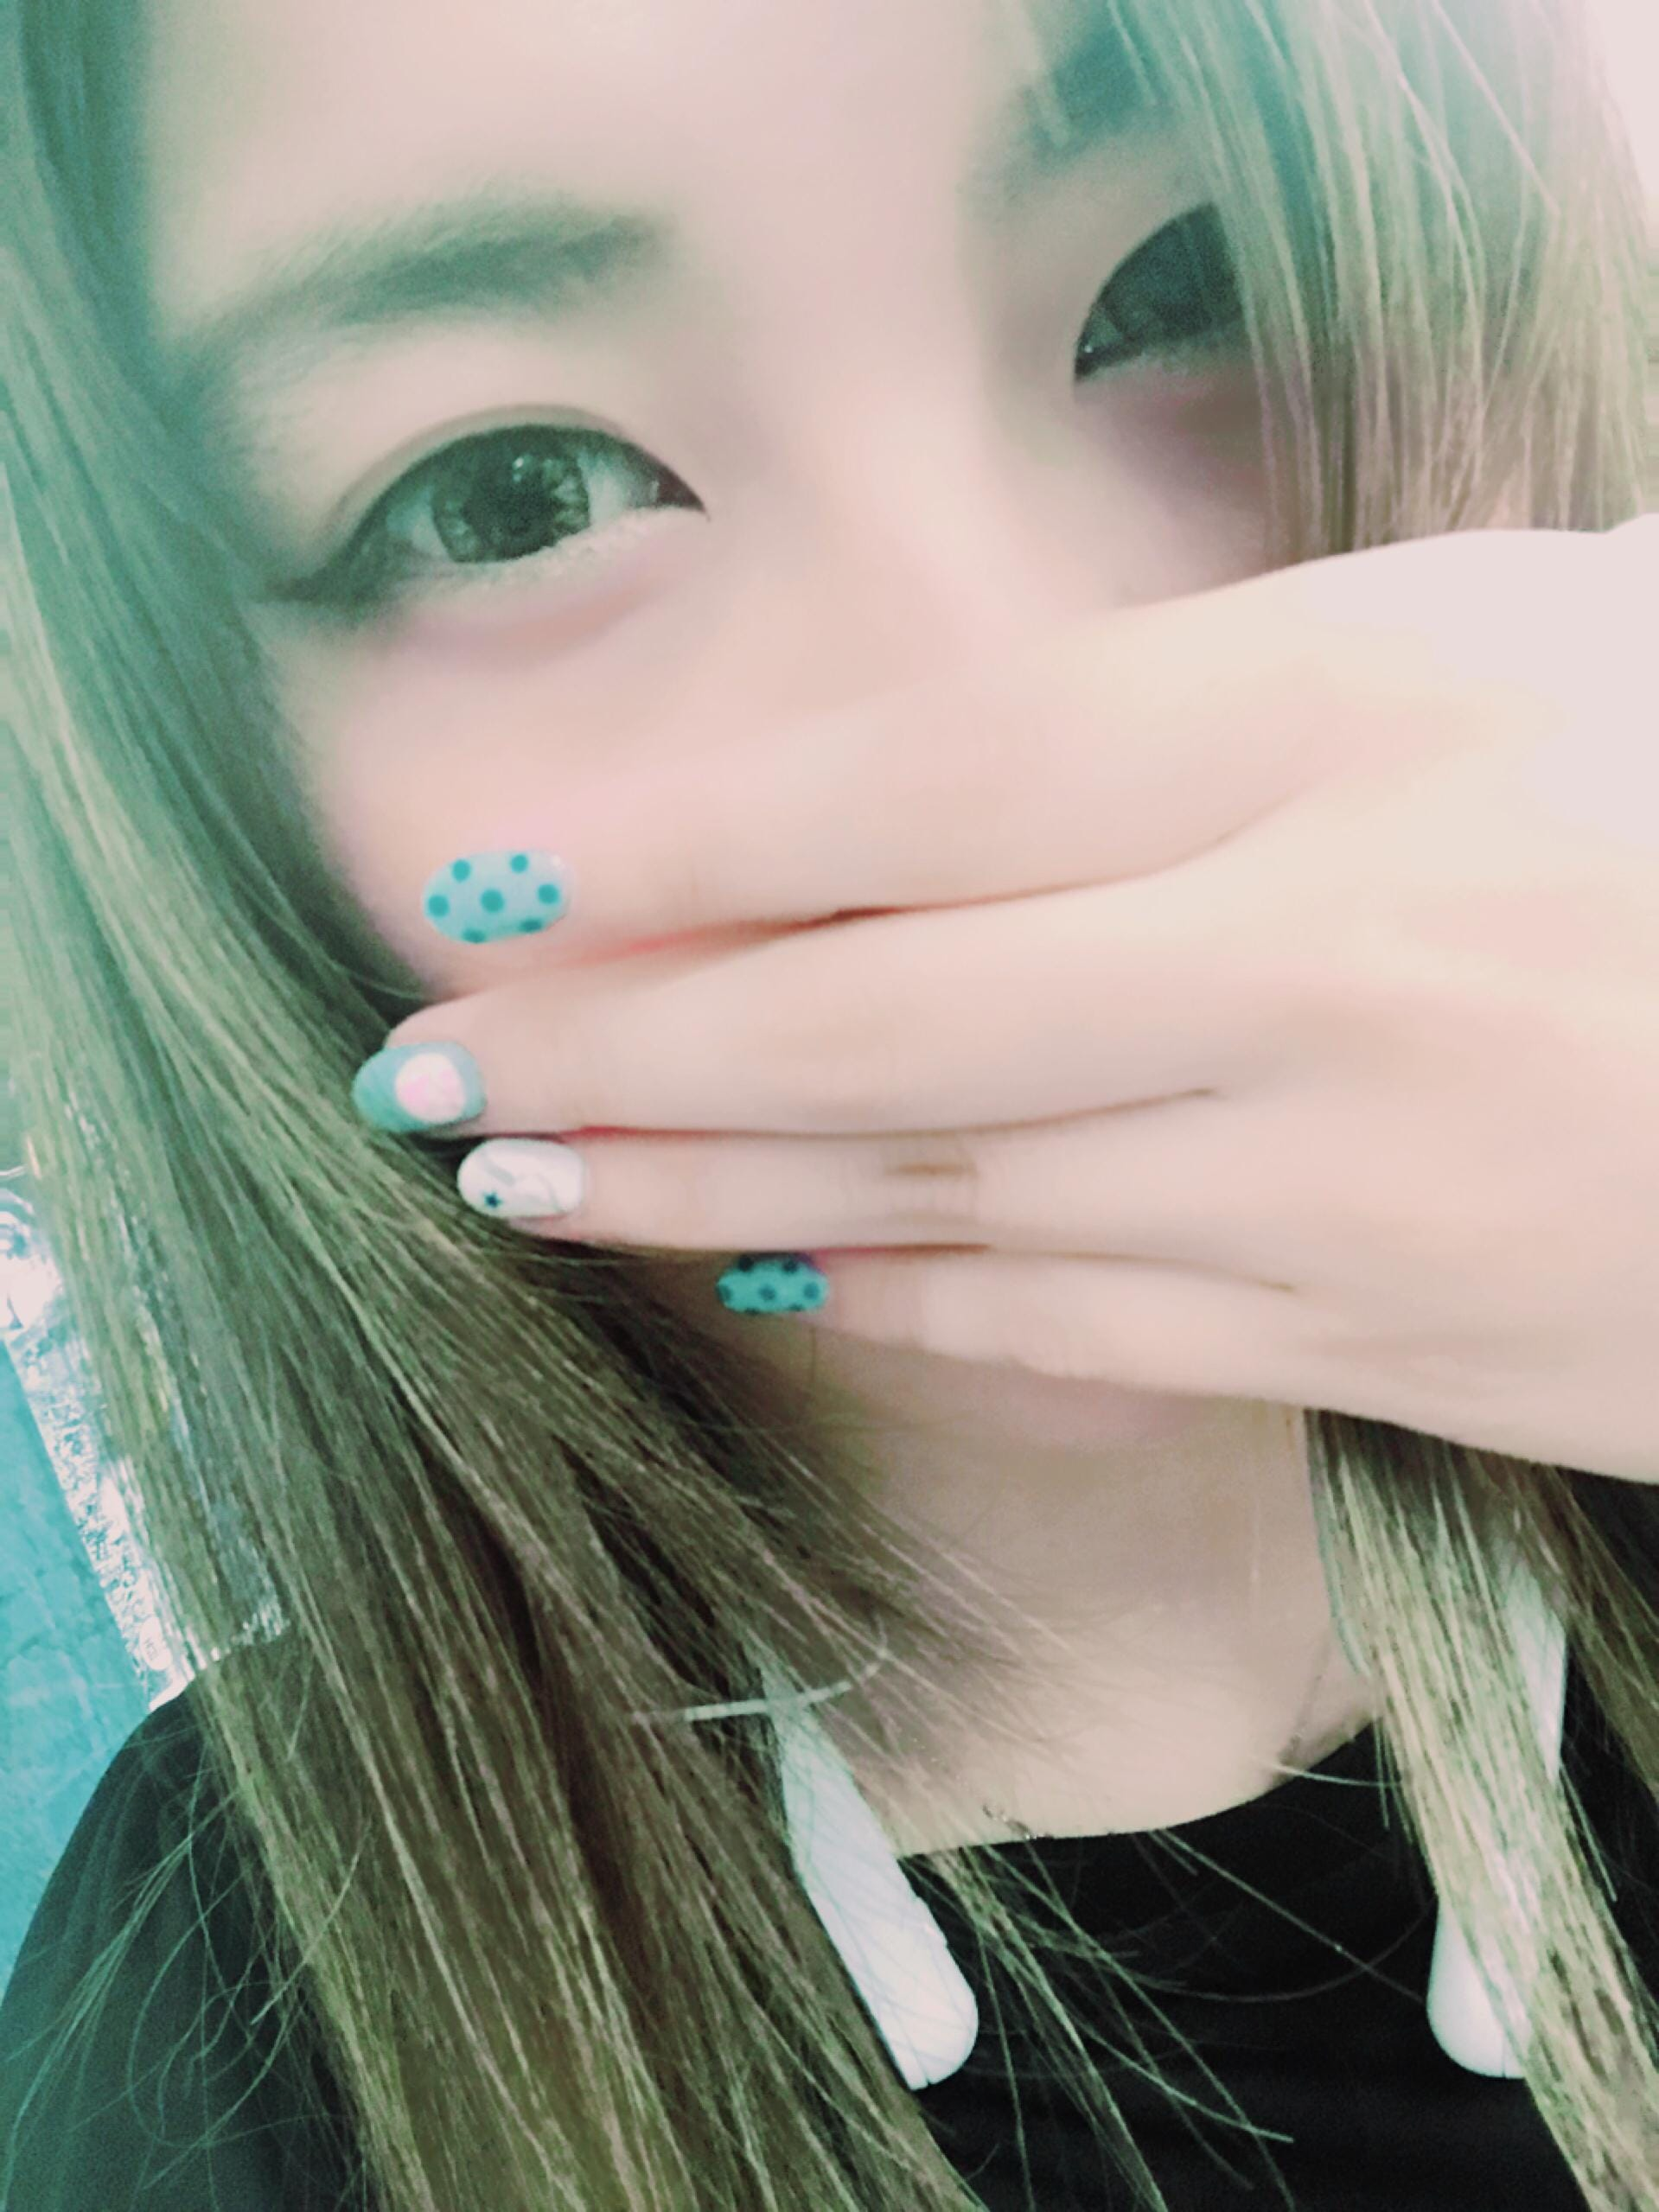 「昨日のお礼(・ω・`)」11/19日(月) 08:38 | わかなの写メ・風俗動画